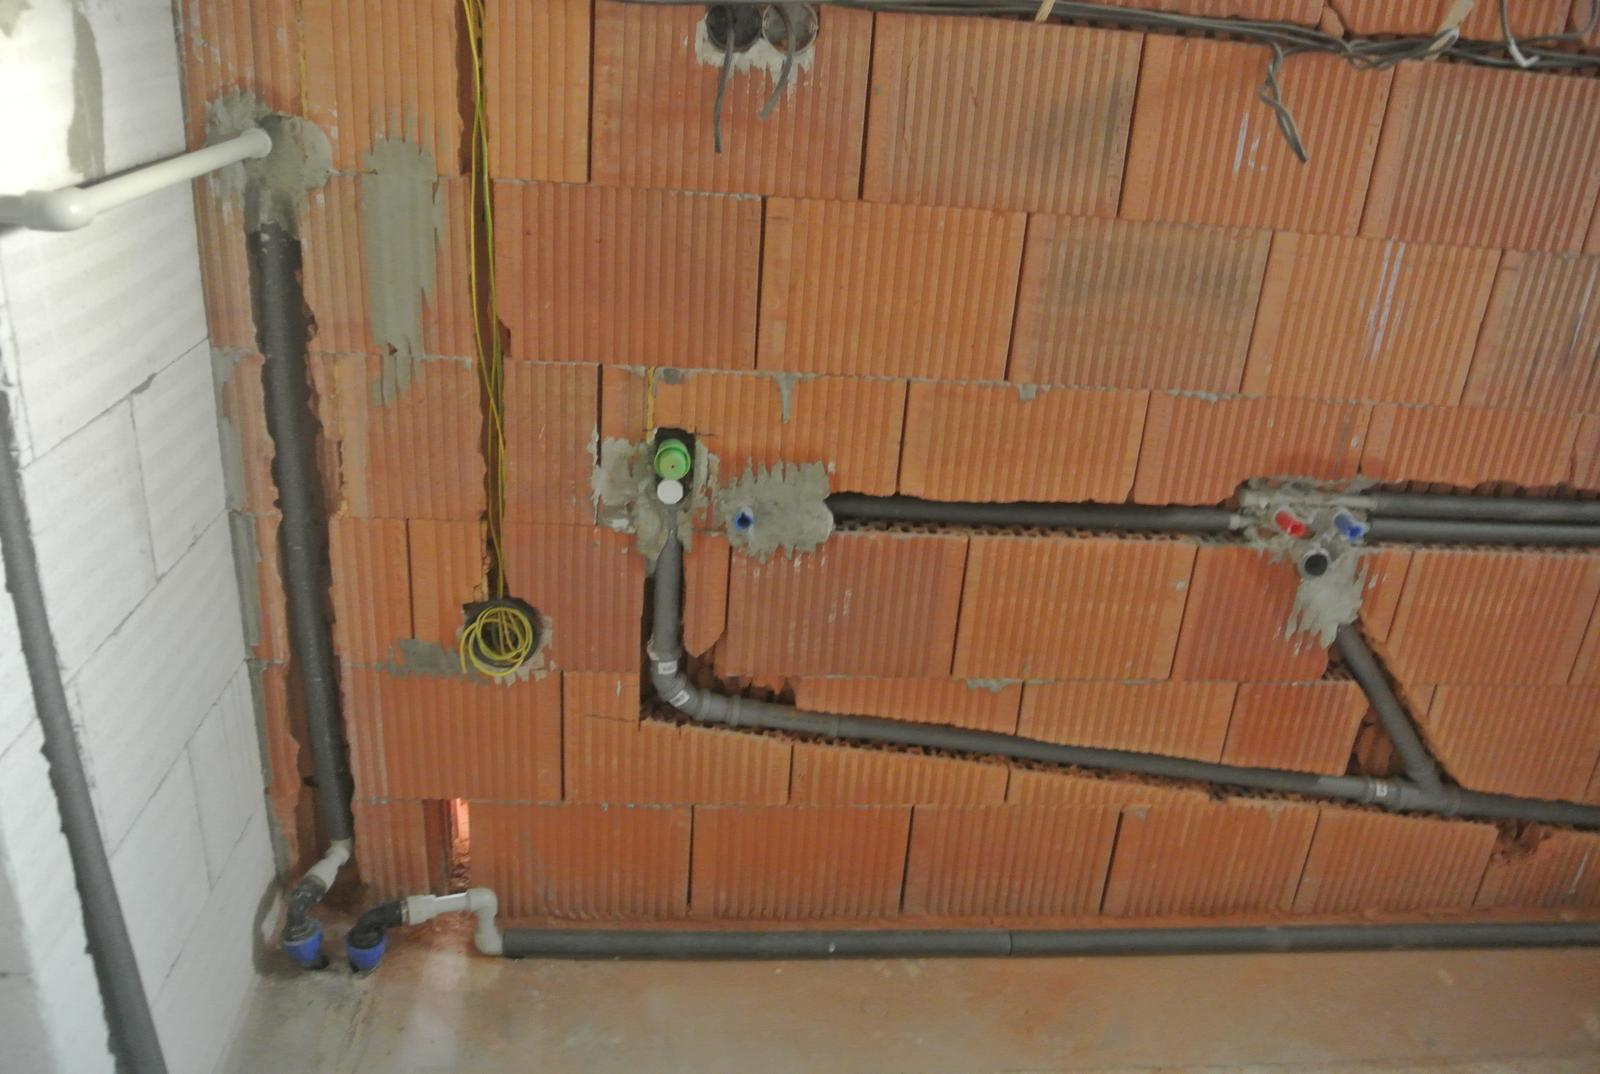 A bude domček ... - Príprava na práčku a vľavo budú filtre namiesto tej rúry zo steny.